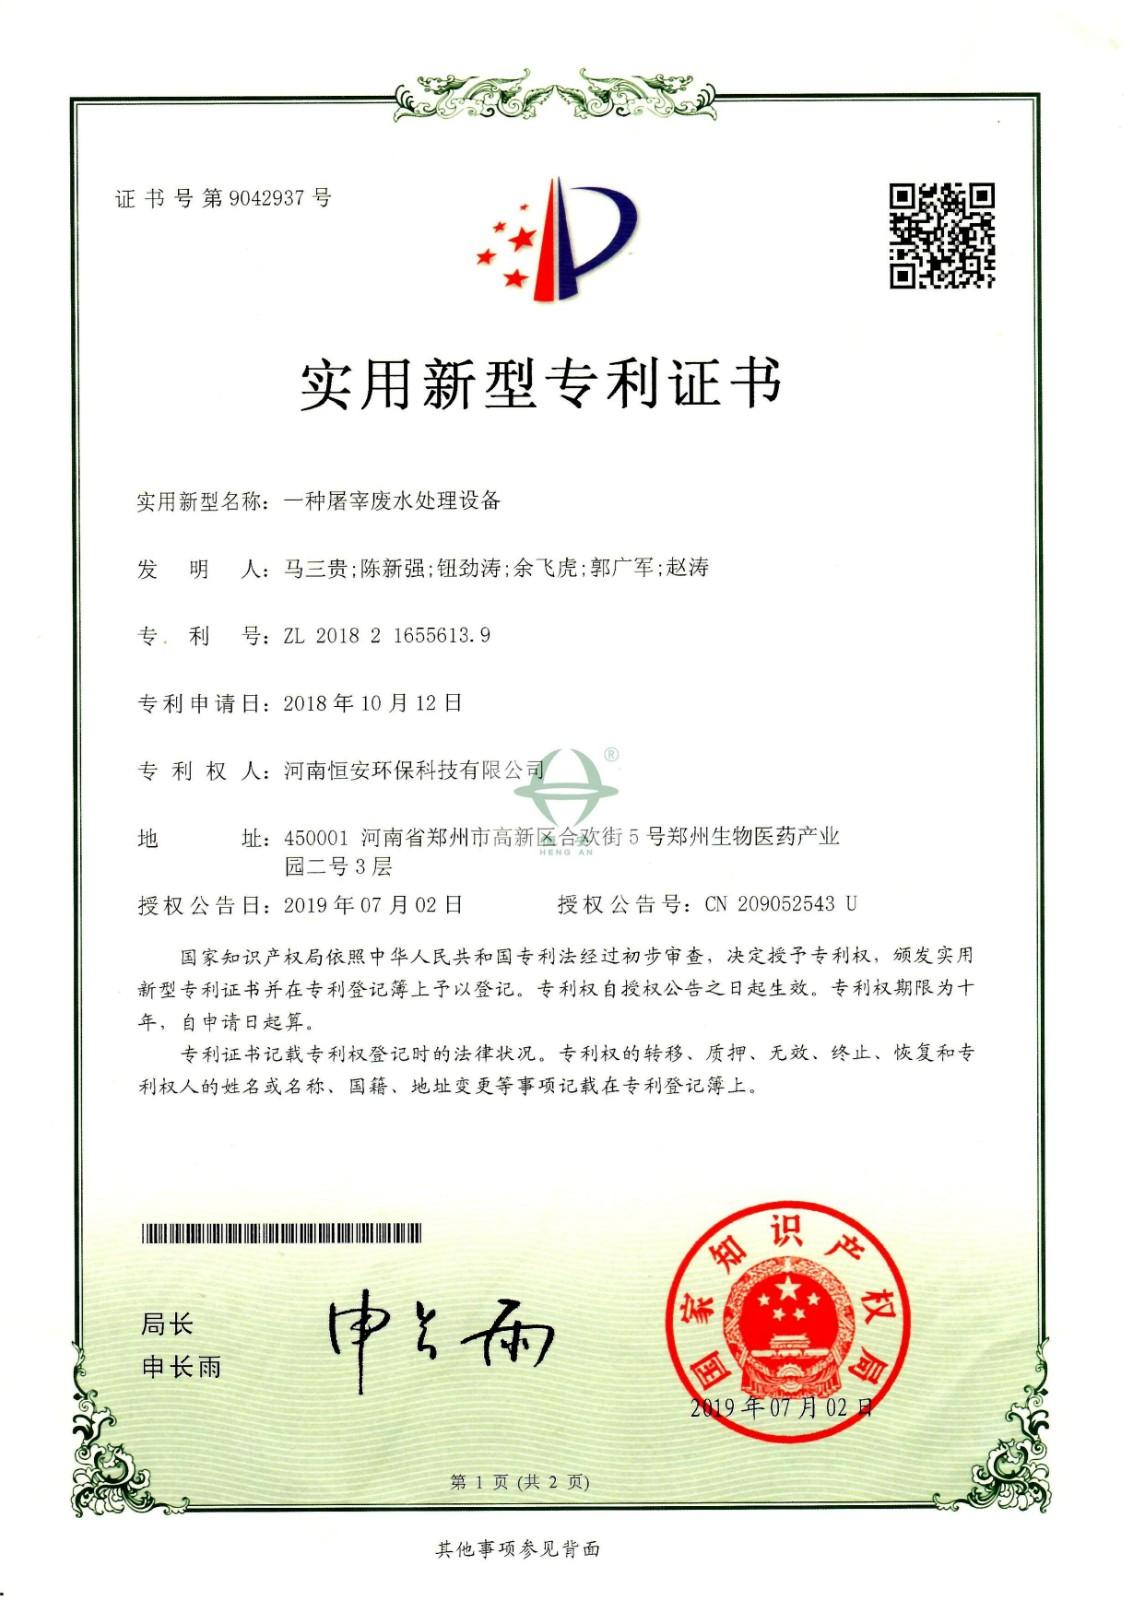 18专利-一种屠宰雷火电竞娱乐处理设备2018216556139 - 副本.jpg